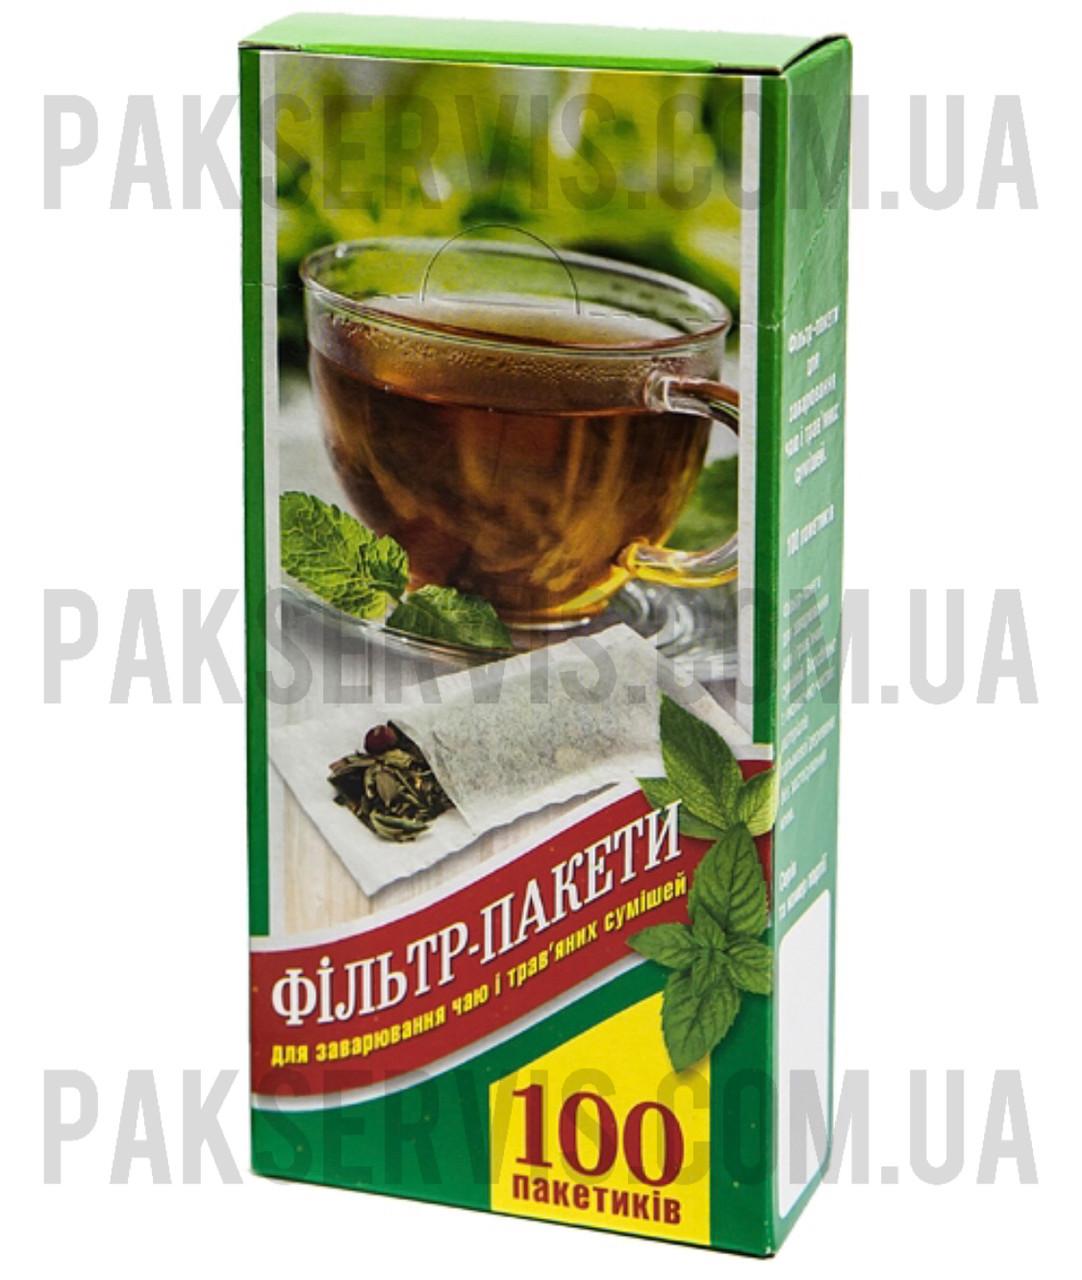 Фильтр-пакеты для чая XL(под чайник) 100шт. 1/50